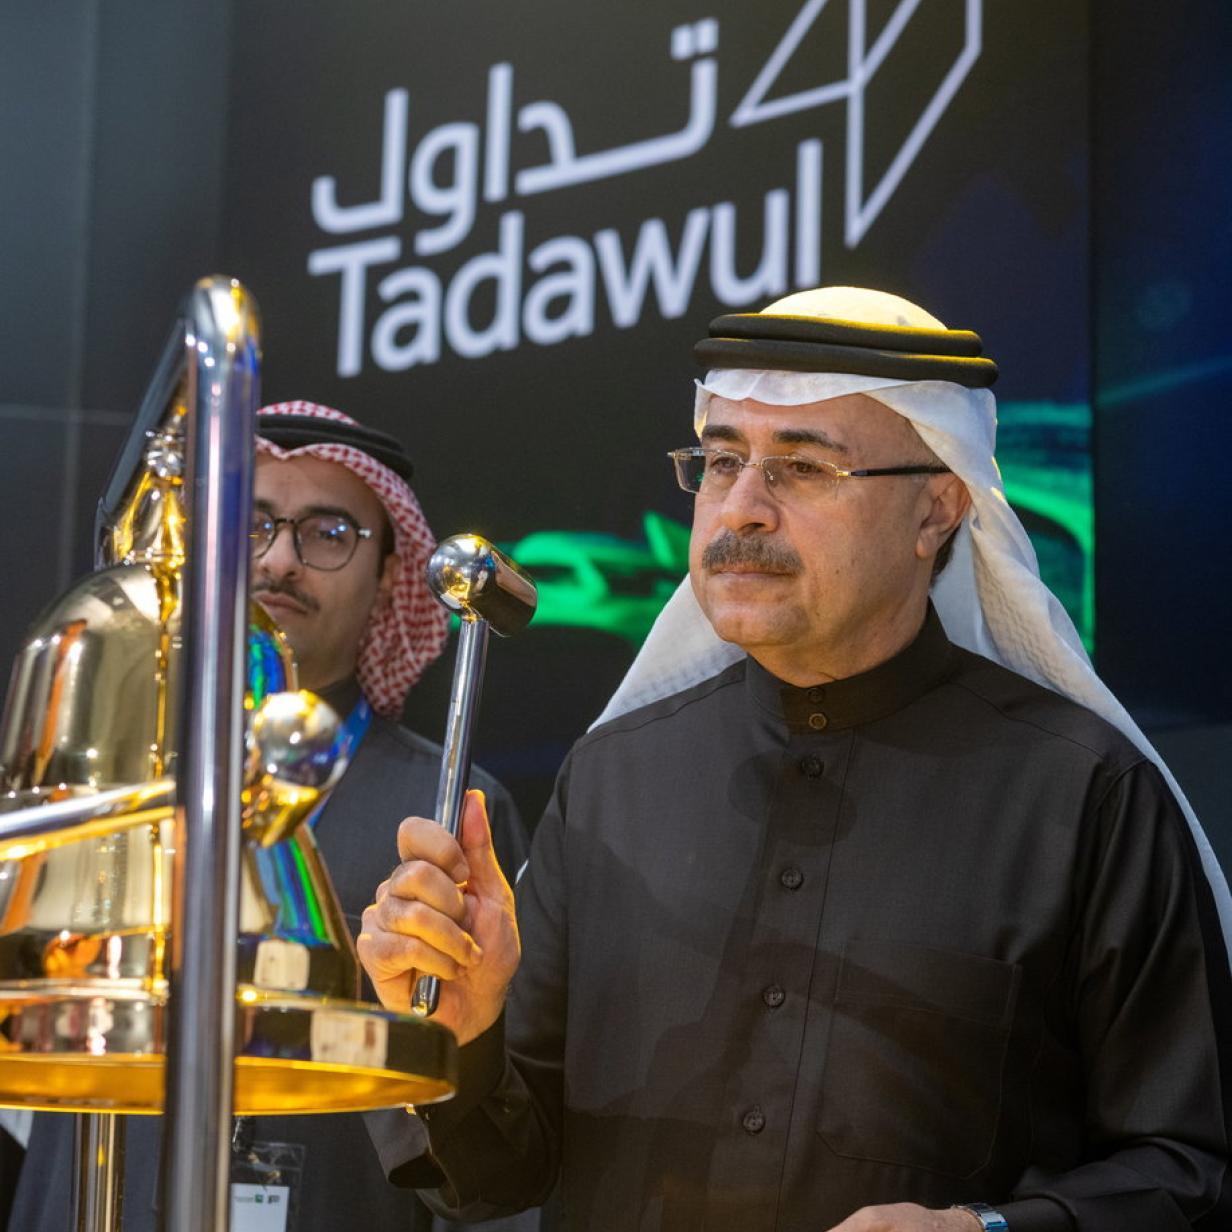 2.000 Mrd. Dollar: Saudi Aramco ist das wertvollste Unternehmen